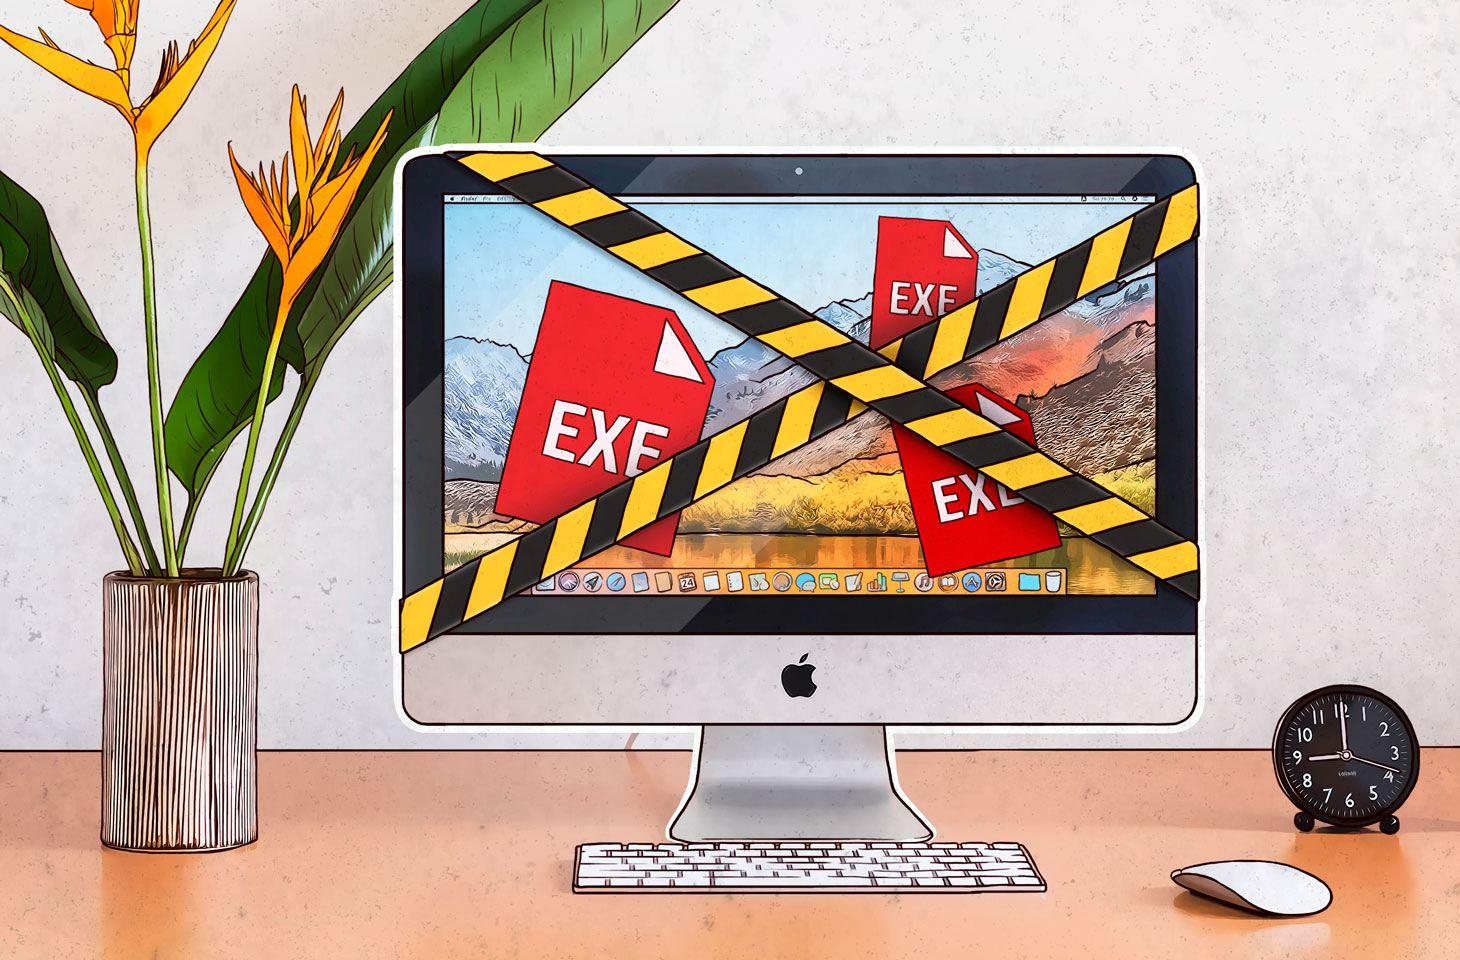 Macでマルウェア感染を引き起こすEXEファイル